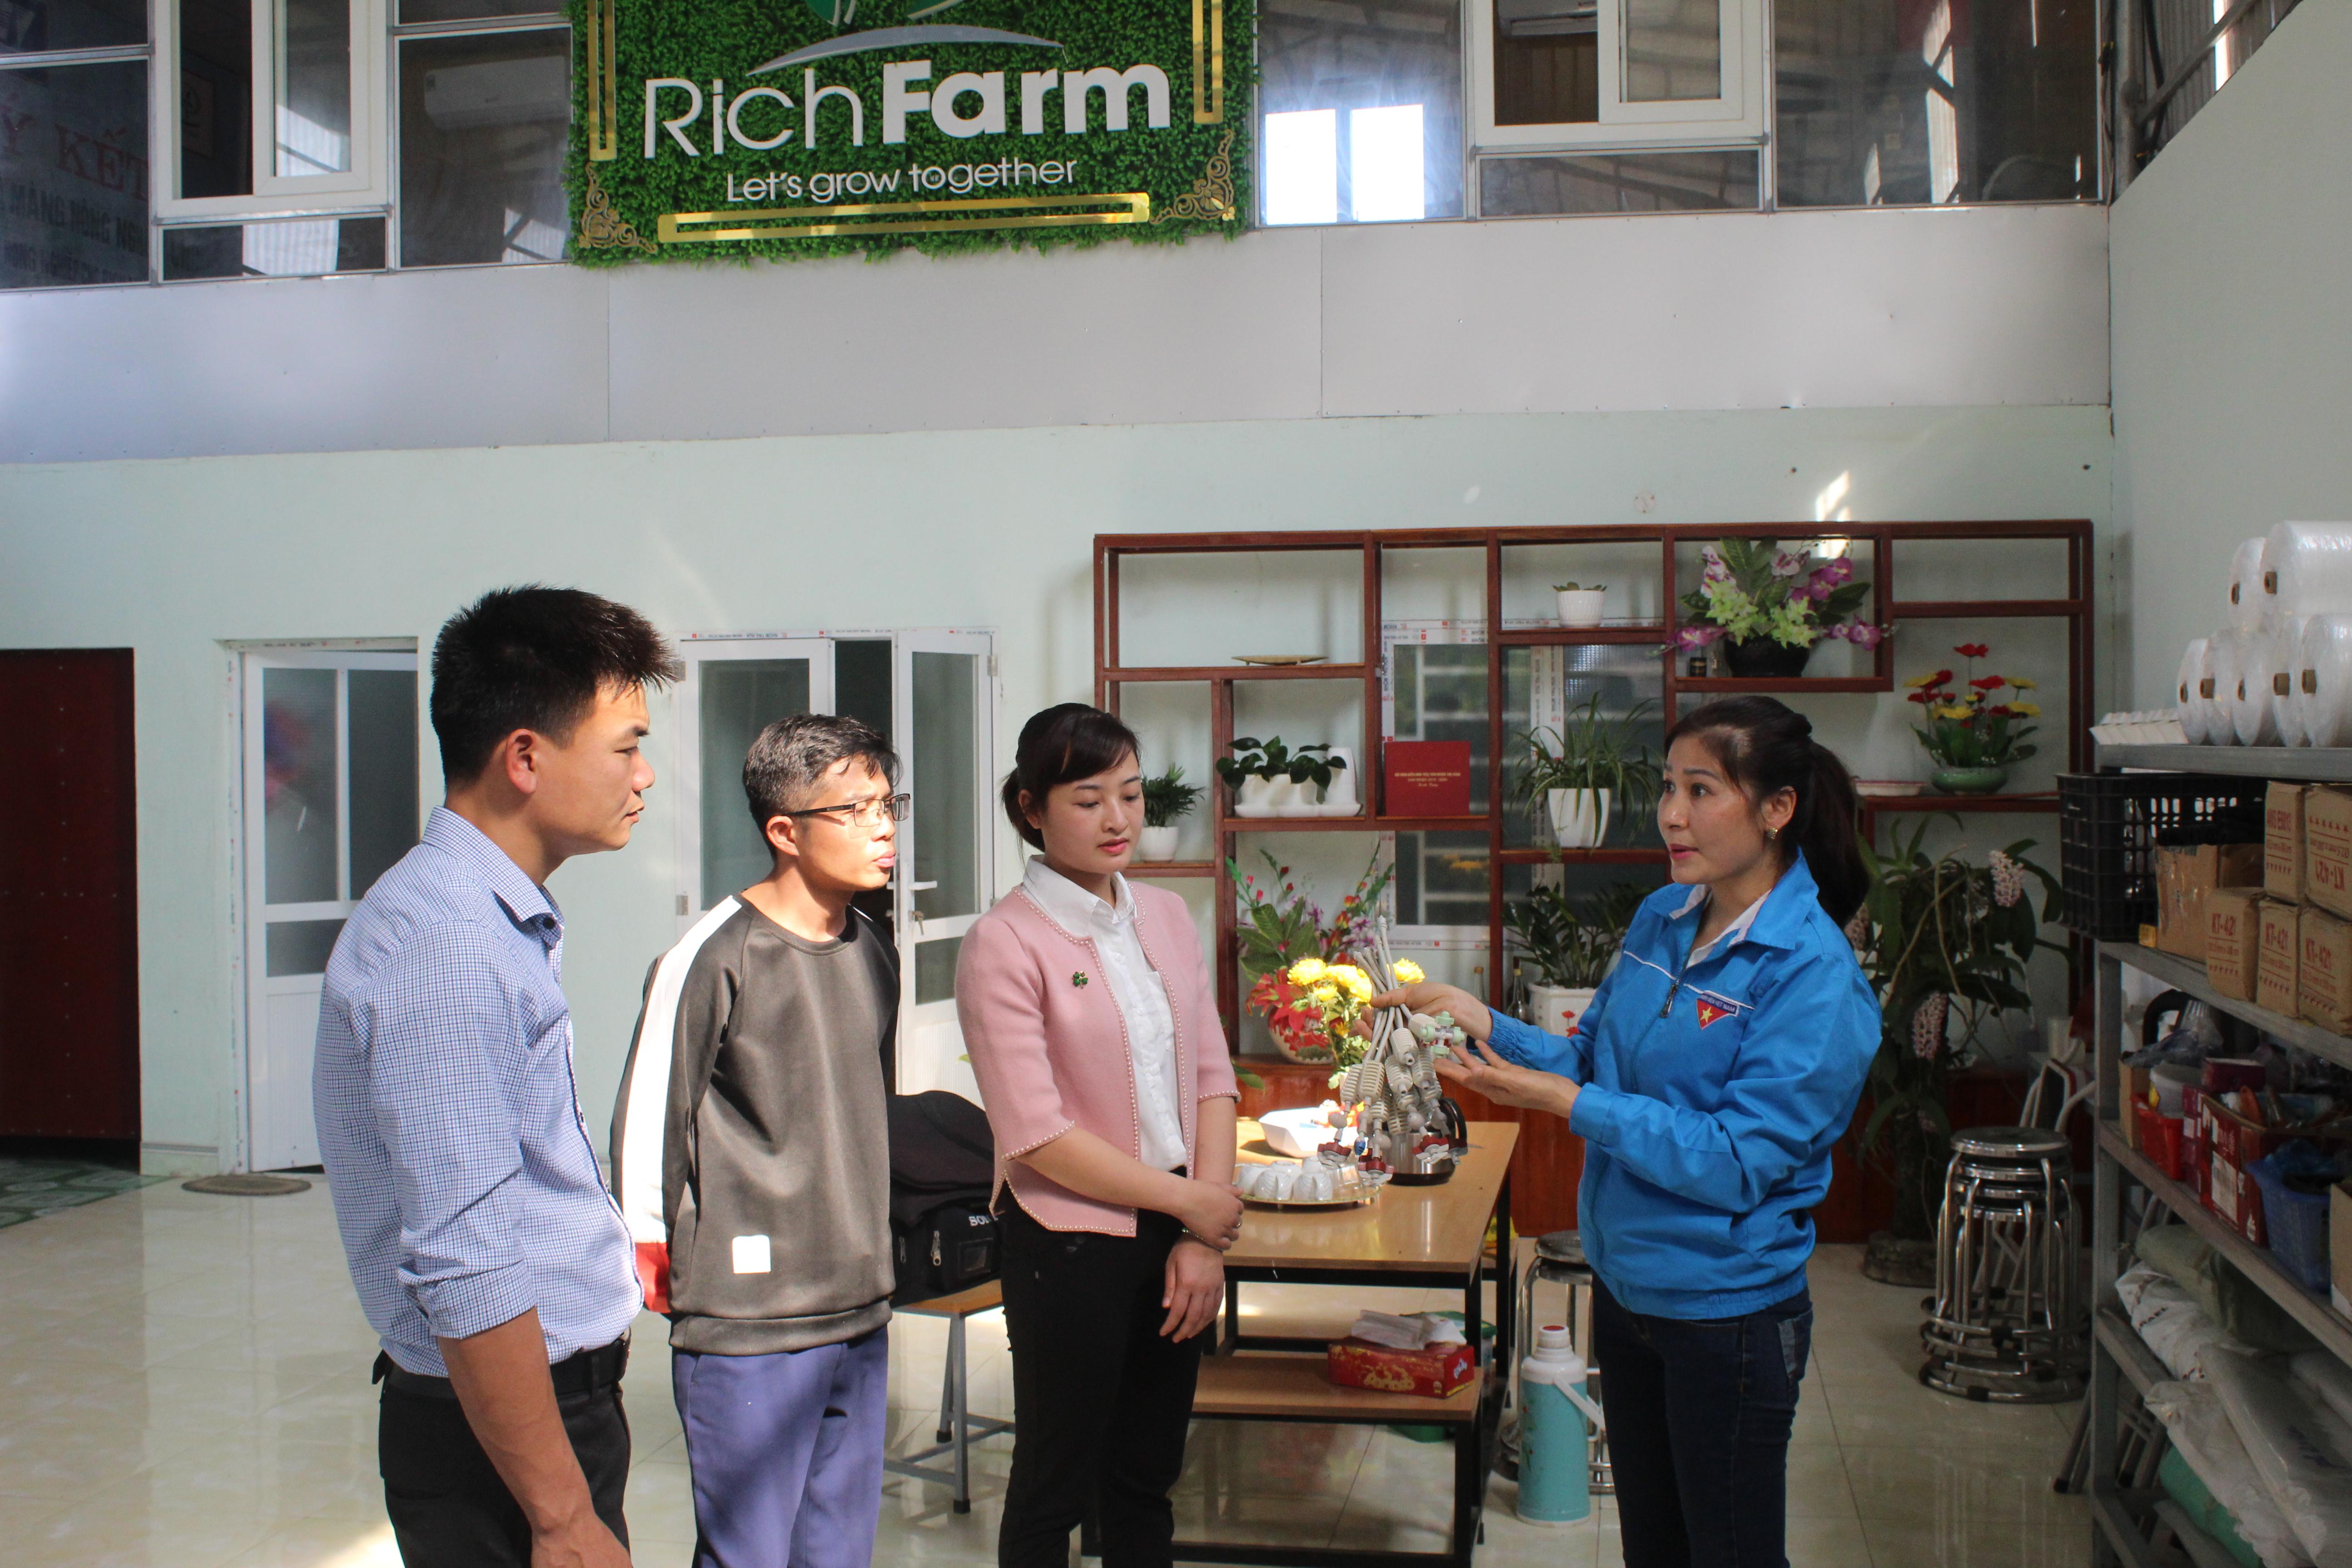 """Chị Lê Thị Vân (áo xanh), huyện Thọ Xuân đã tạo nên một """"đế chế"""" nông nghiệp sạch mang lại hiệu quả kinh tế cao ngay tại quê nhà"""